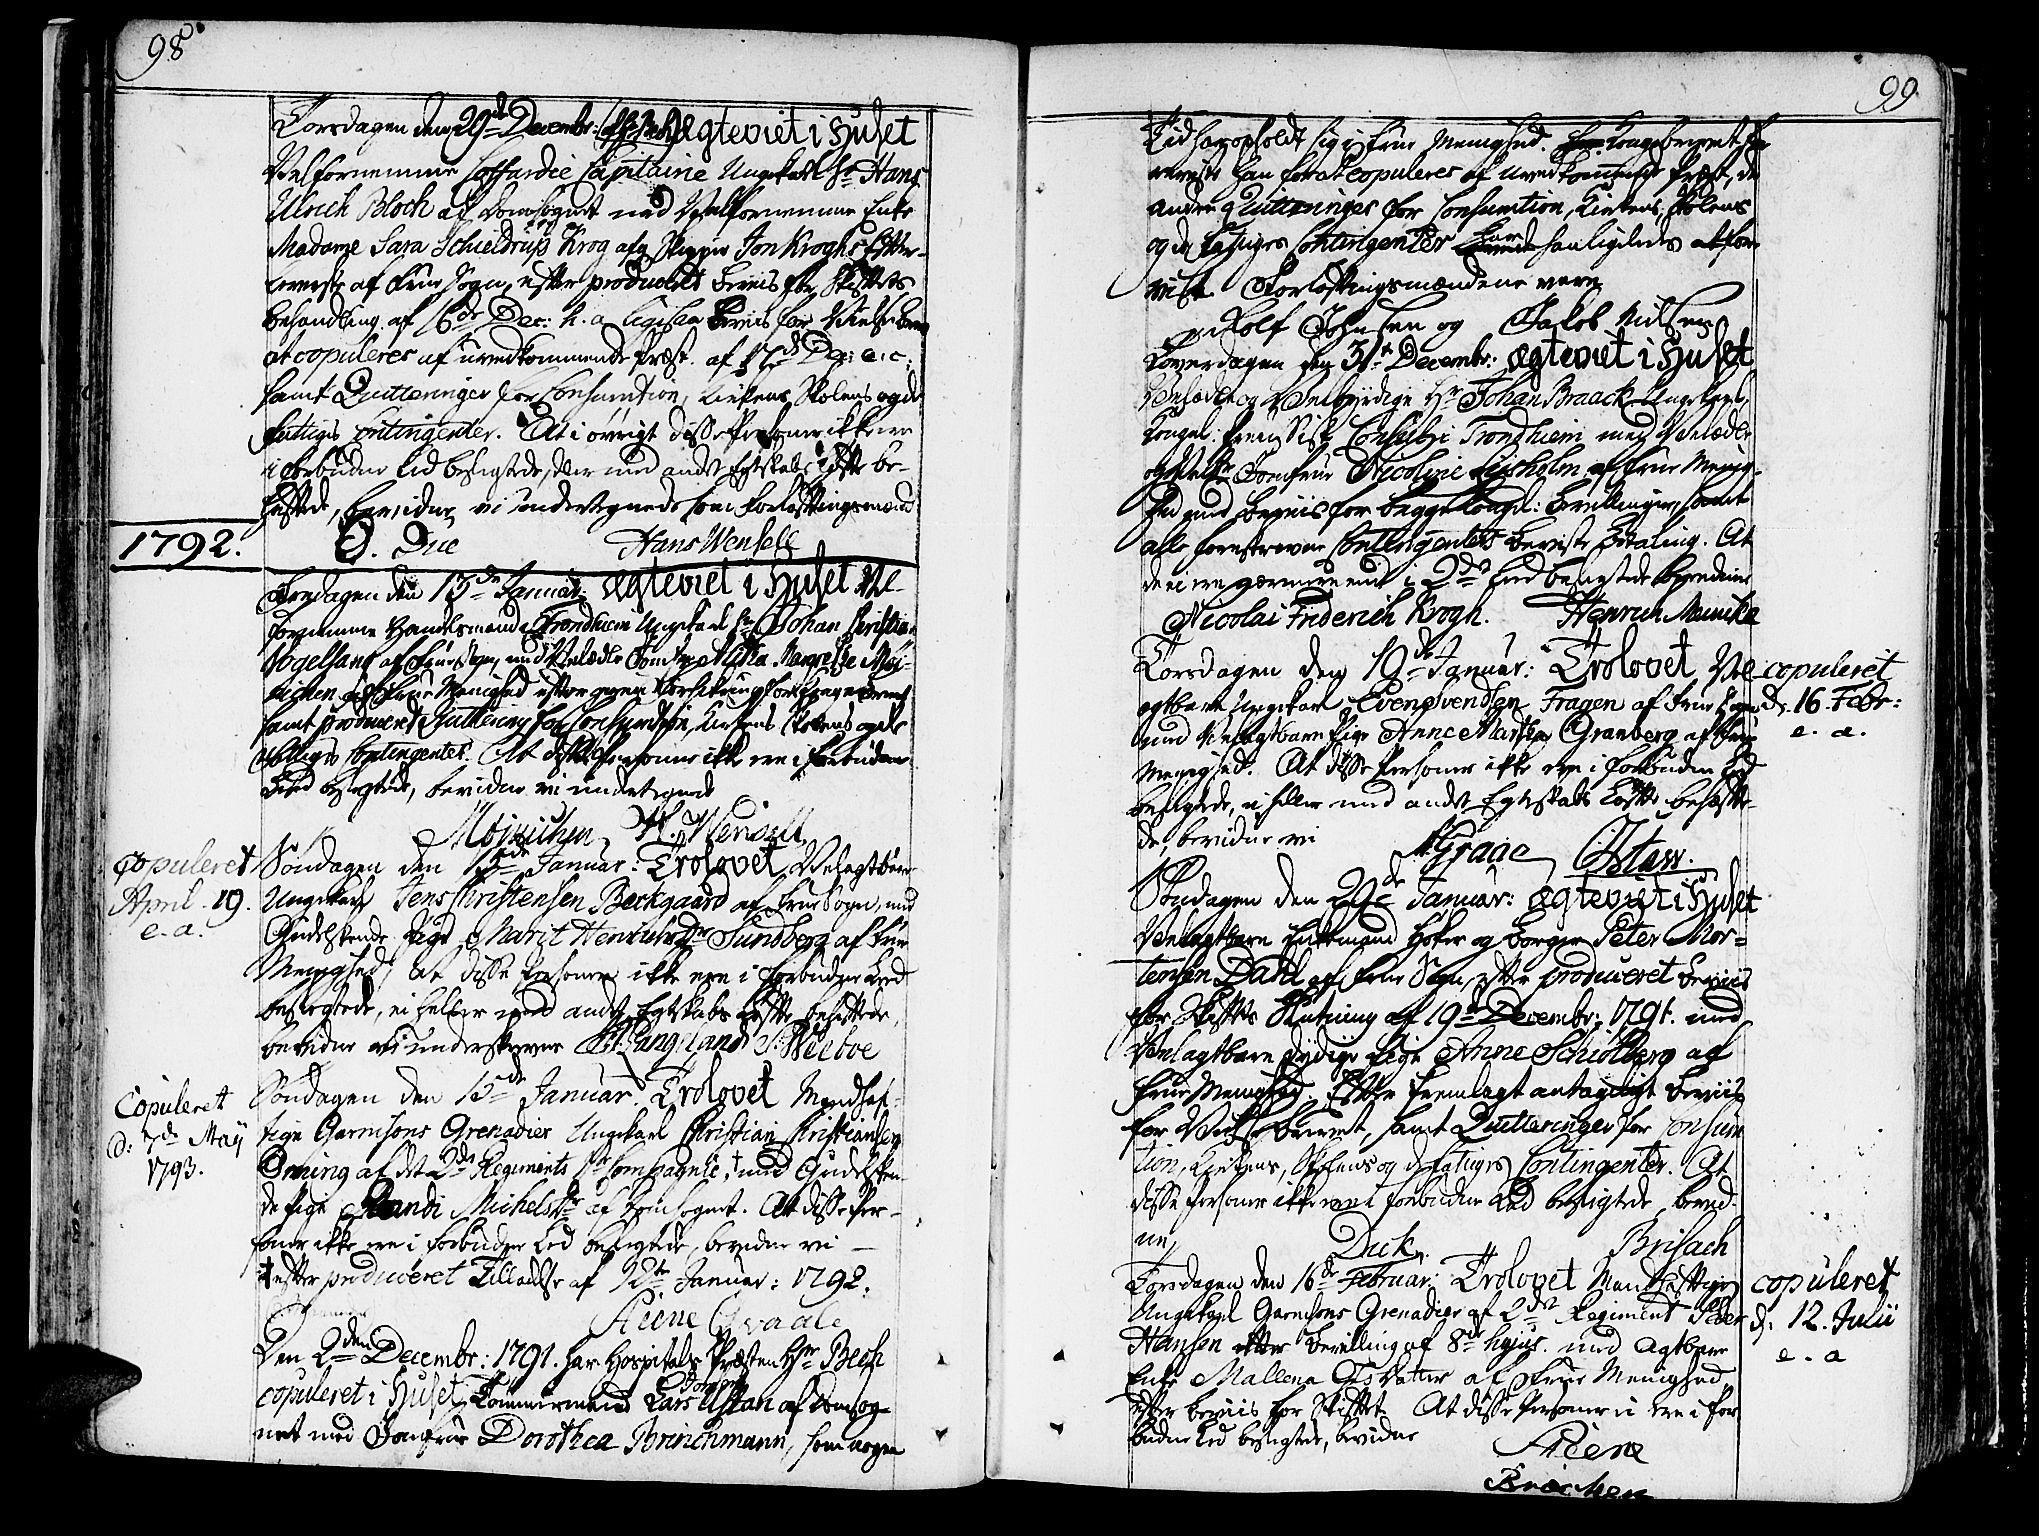 SAT, Ministerialprotokoller, klokkerbøker og fødselsregistre - Sør-Trøndelag, 602/L0105: Ministerialbok nr. 602A03, 1774-1814, s. 98-99